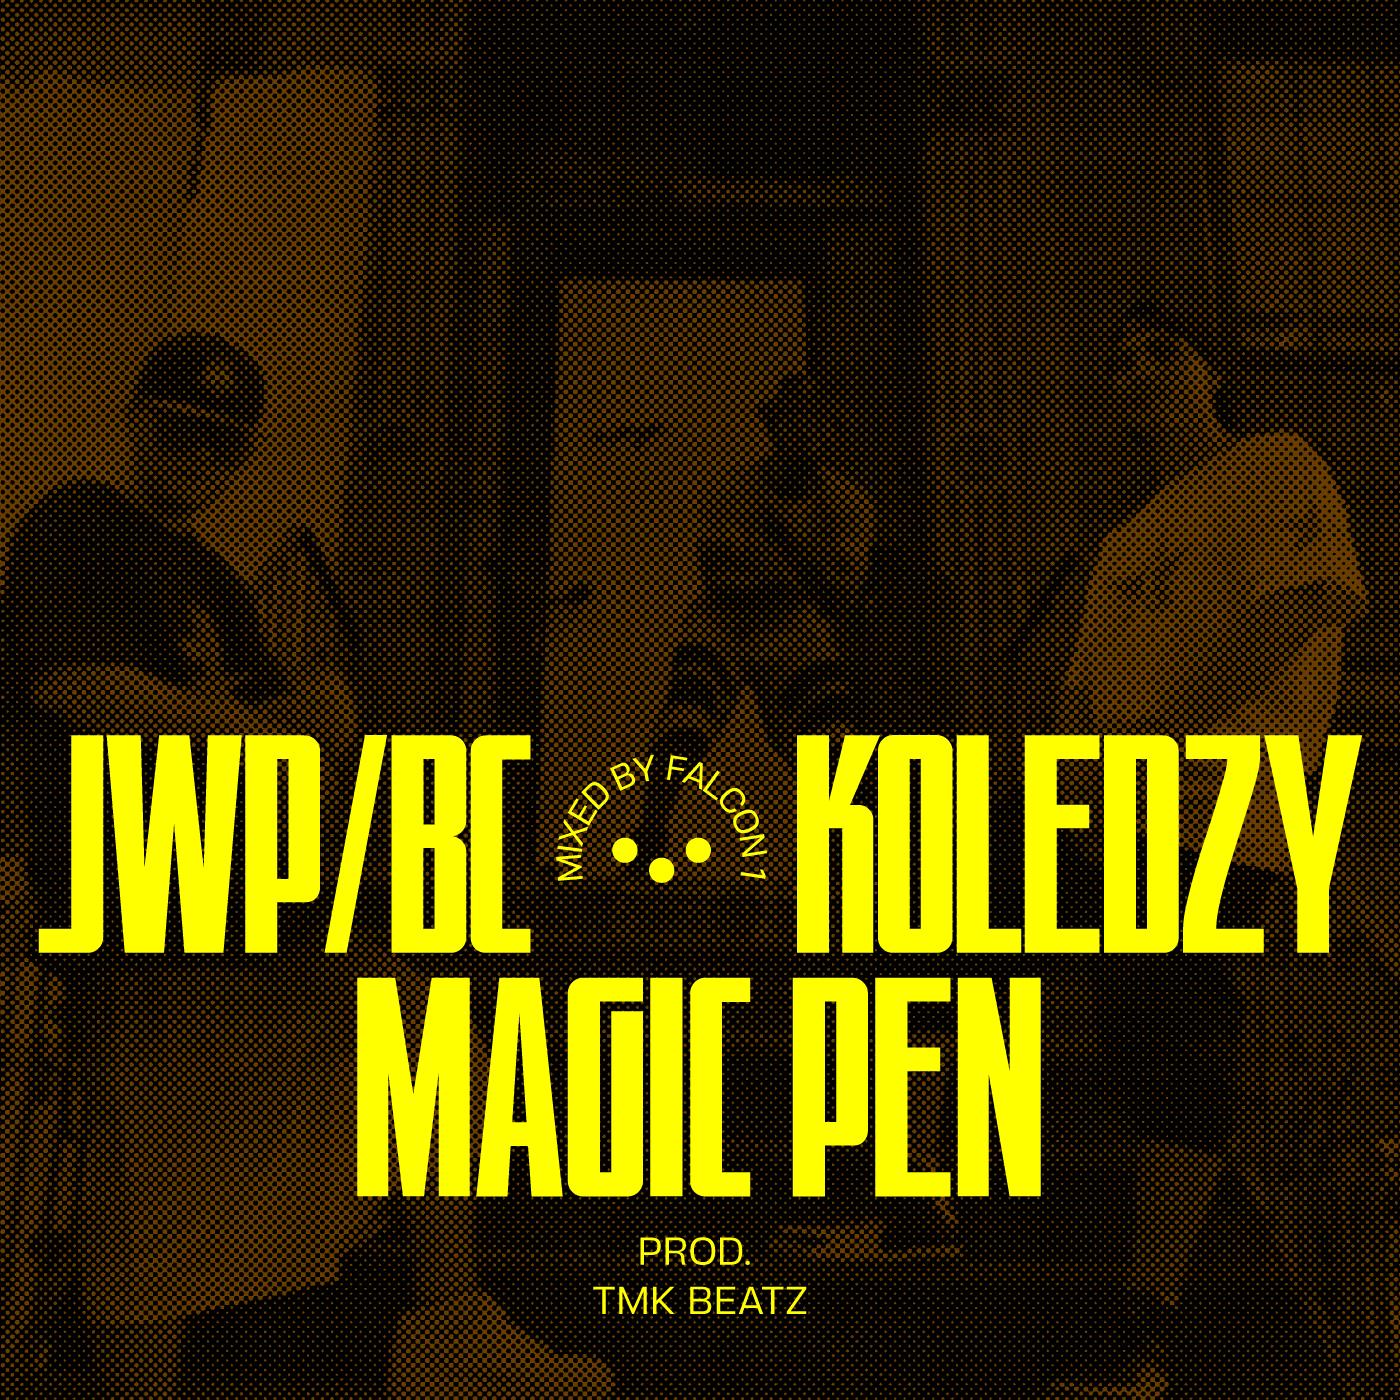 """JWPBC """"Koledzy"""" - Magic Pen"""